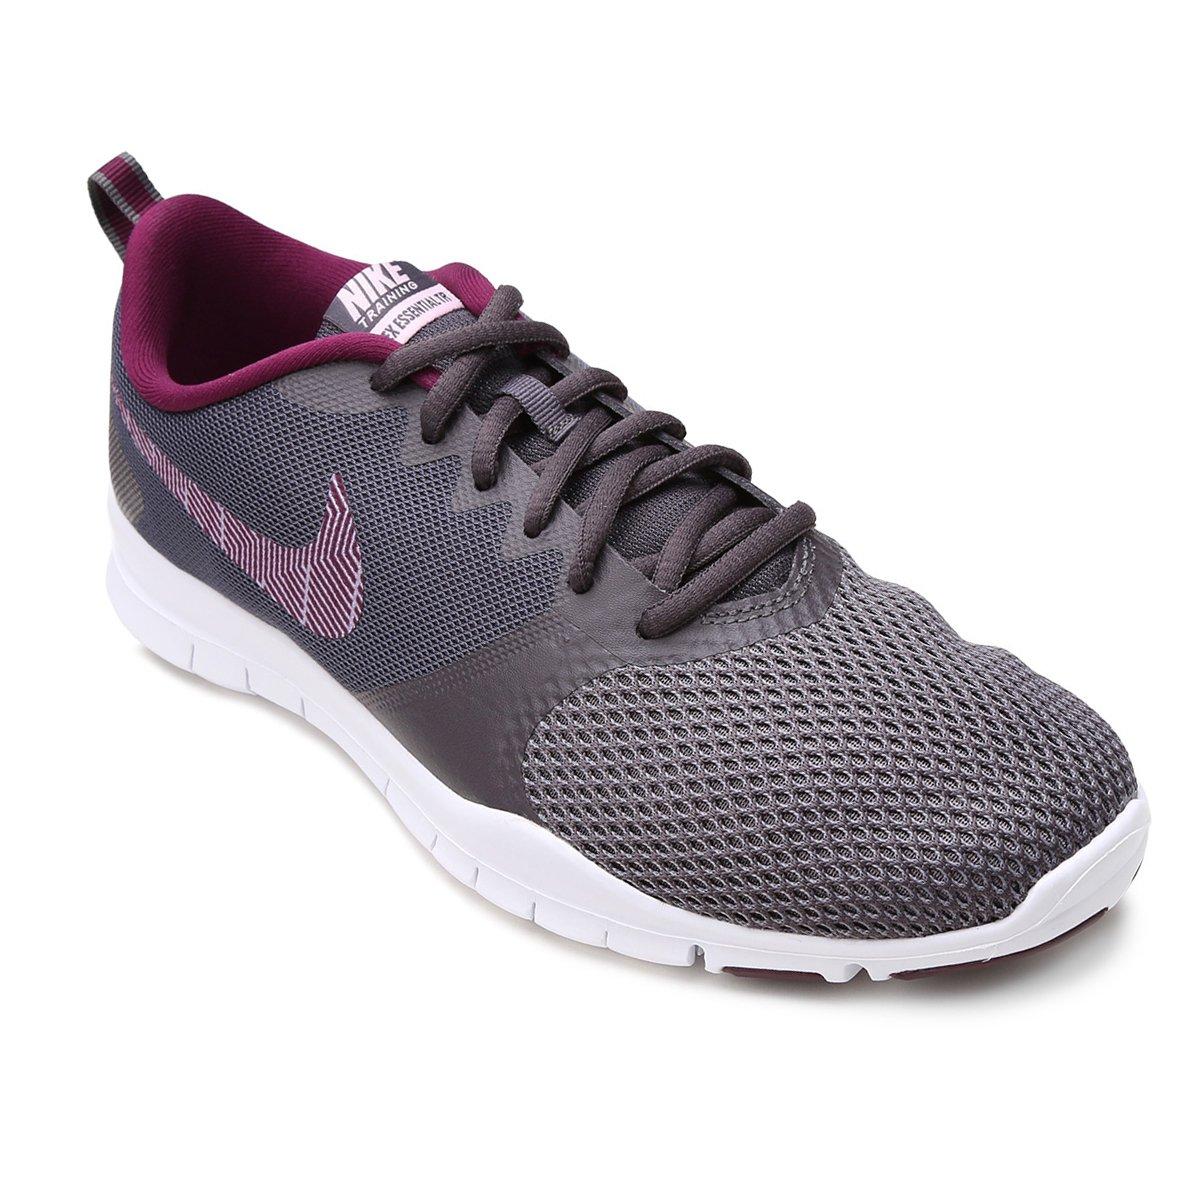 c22ae28aba335 Tênis Nike Flex Essential TR Feminino - Tam: 39 - Shopping TudoAzul